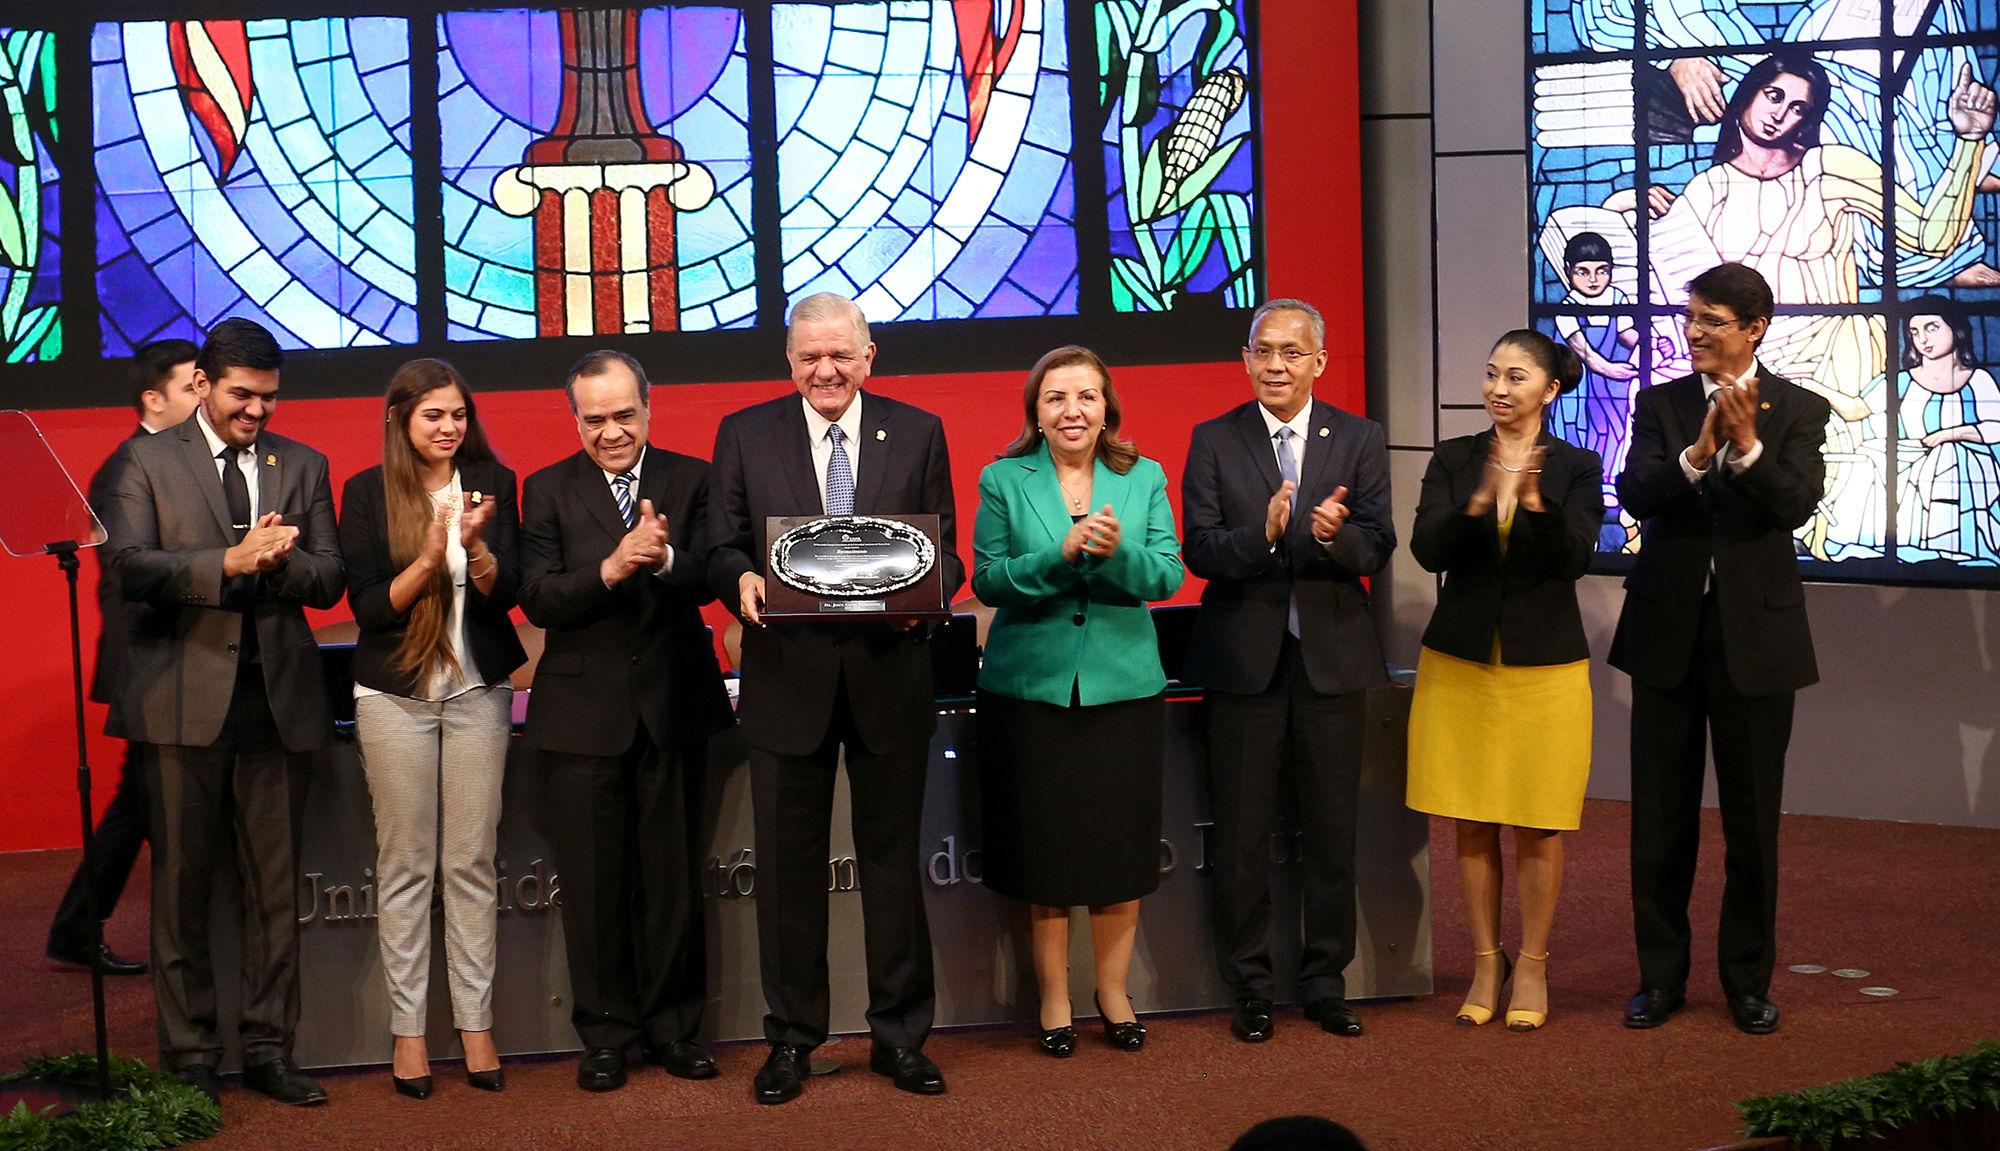 Las distintas comisiones del Consejo Universitario entregaron un reconocimiento al Dr. Jesús Ancer Rodríguez